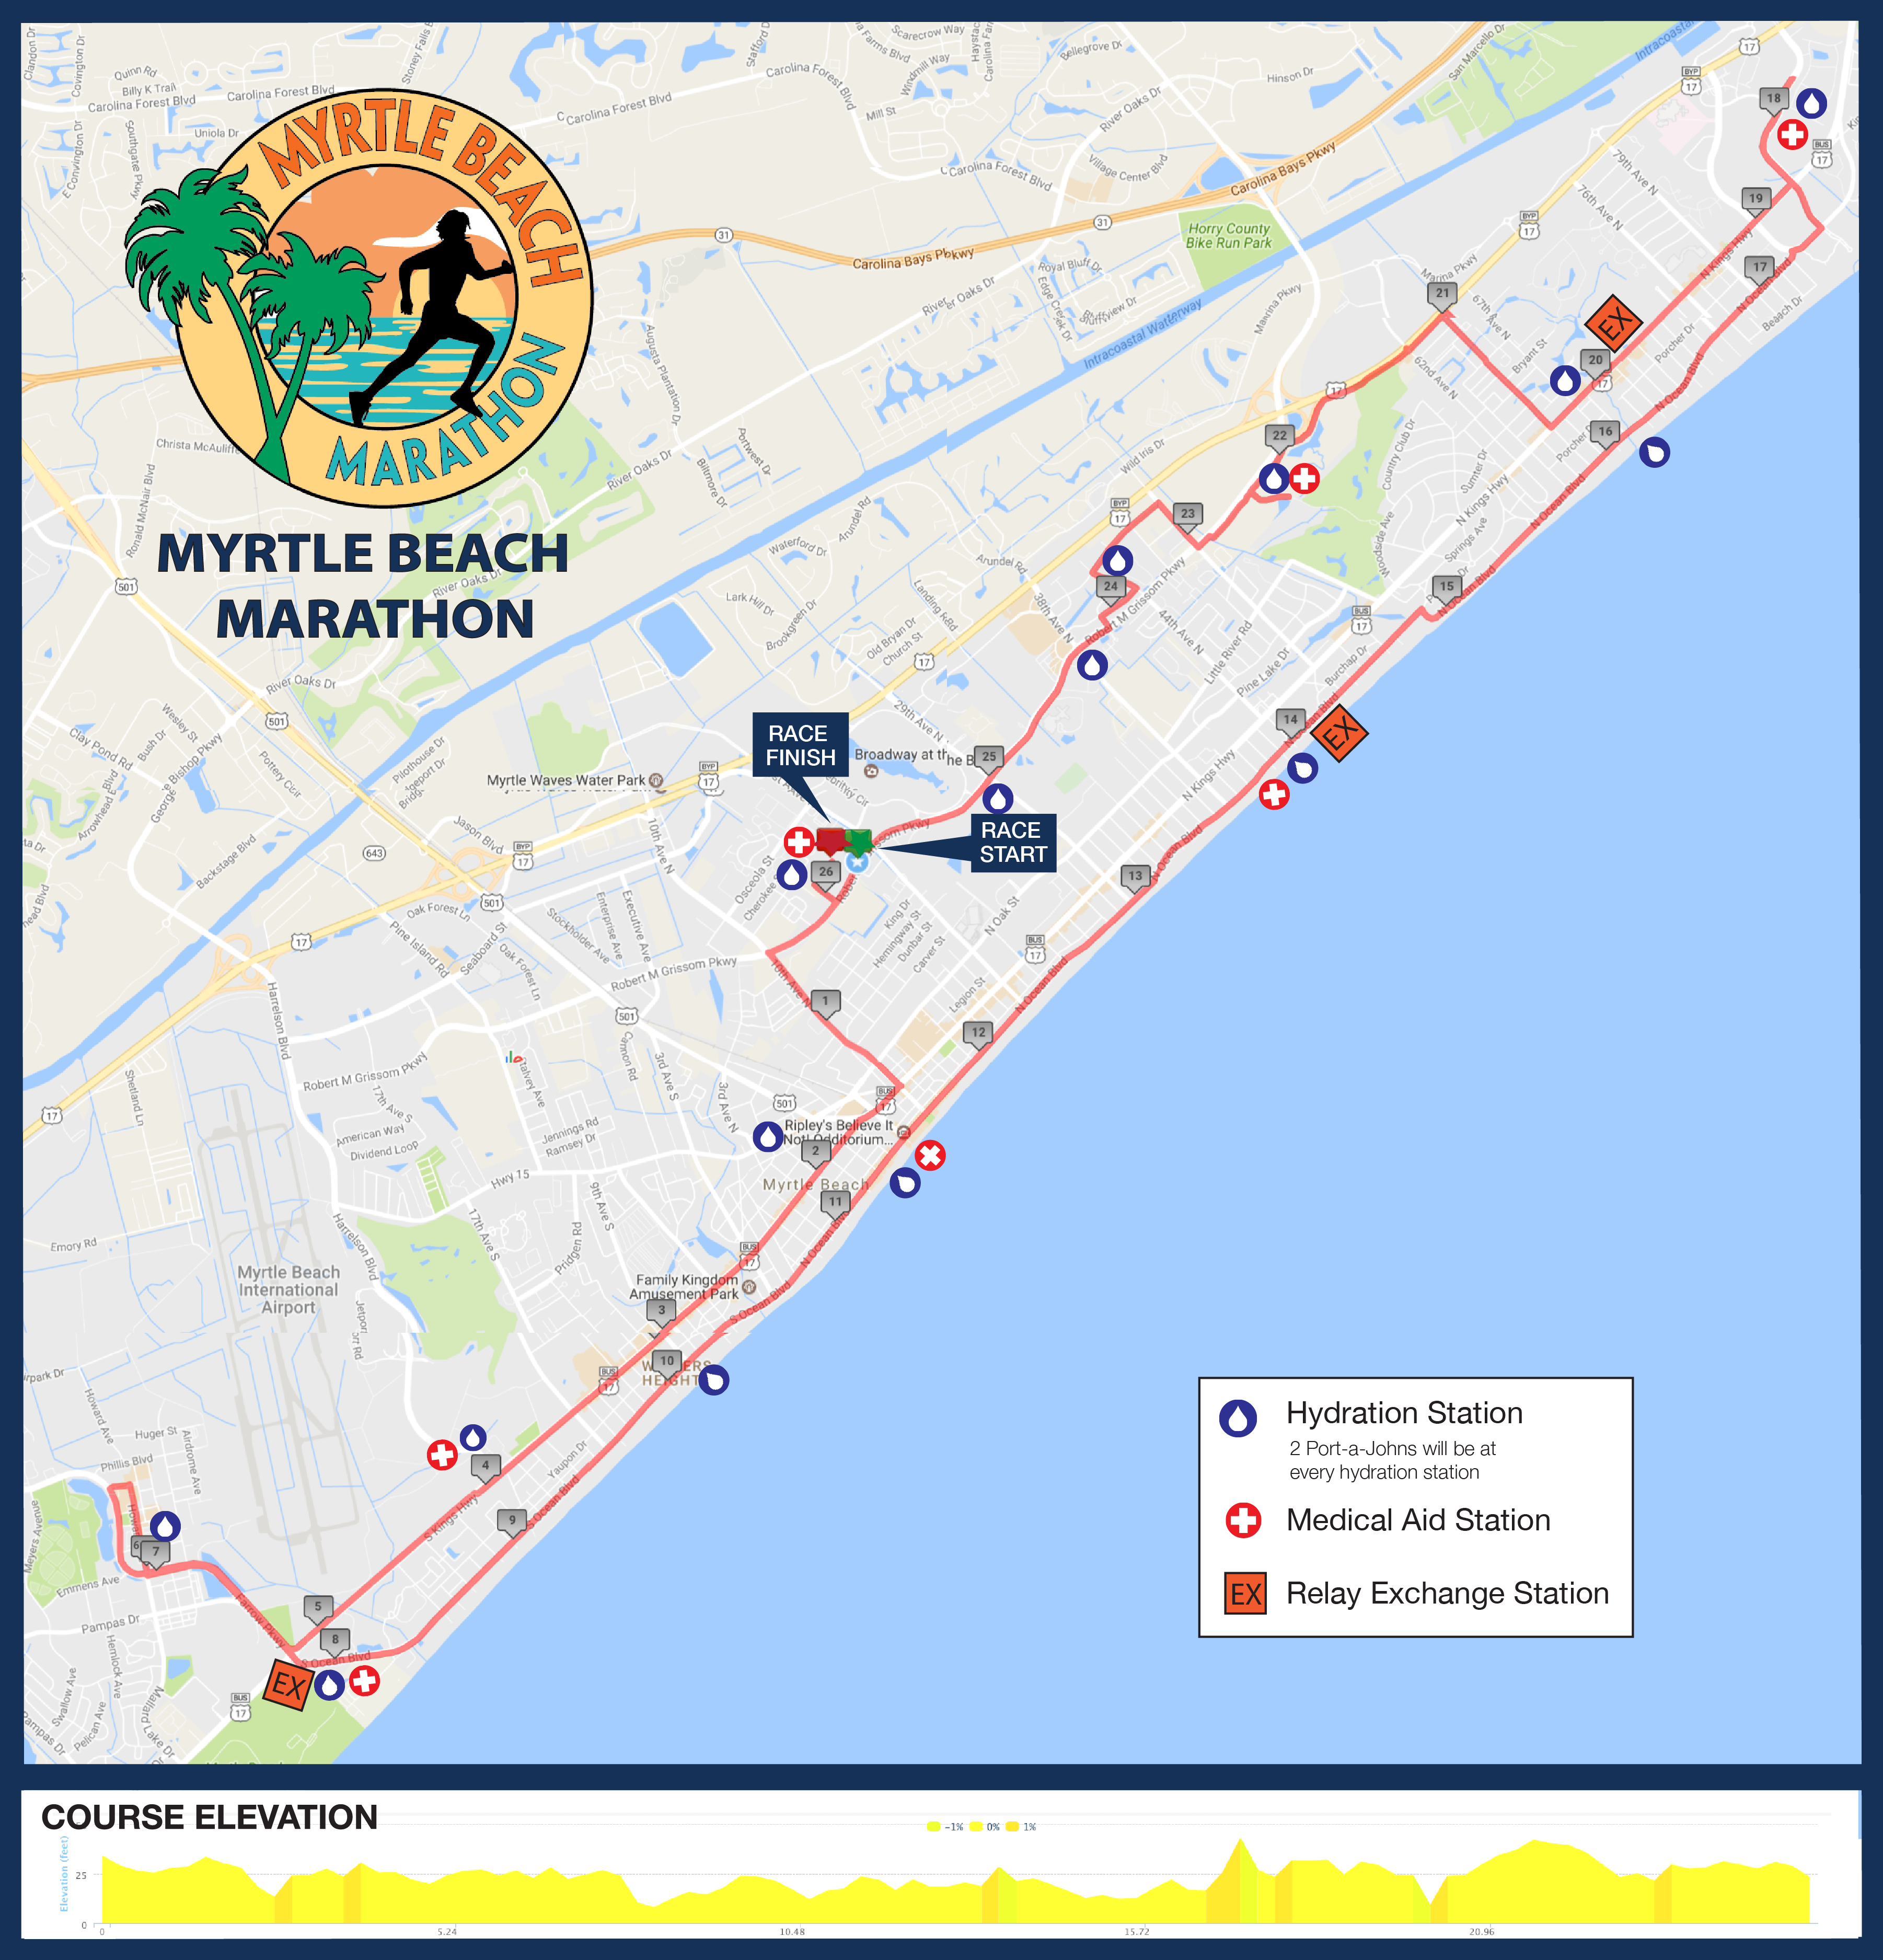 Myrtle Beach Marathon And Relay